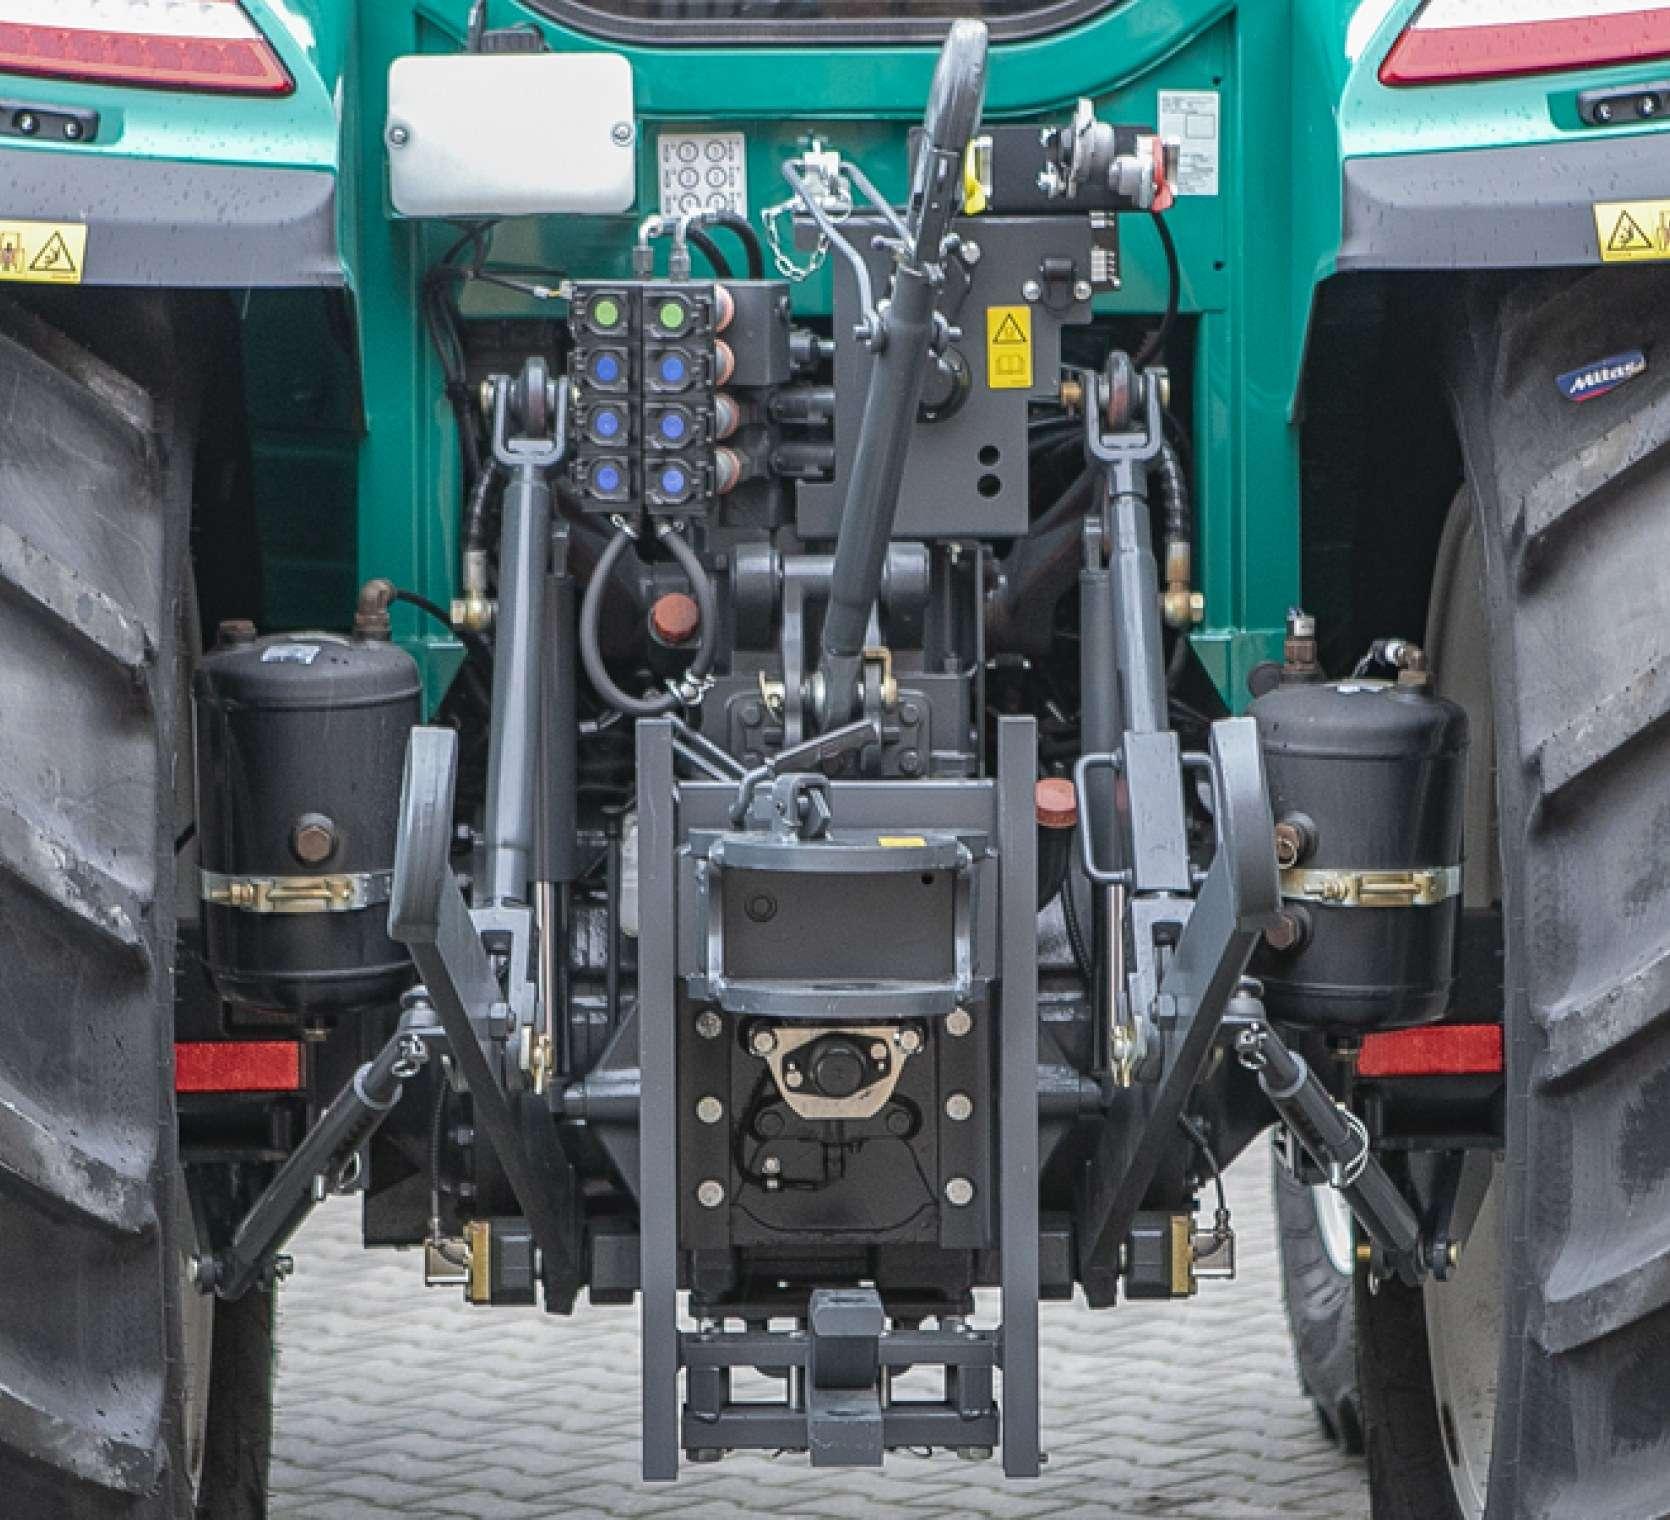 Tył ciągnika Arbos 5115 Global bogate wyposażenie